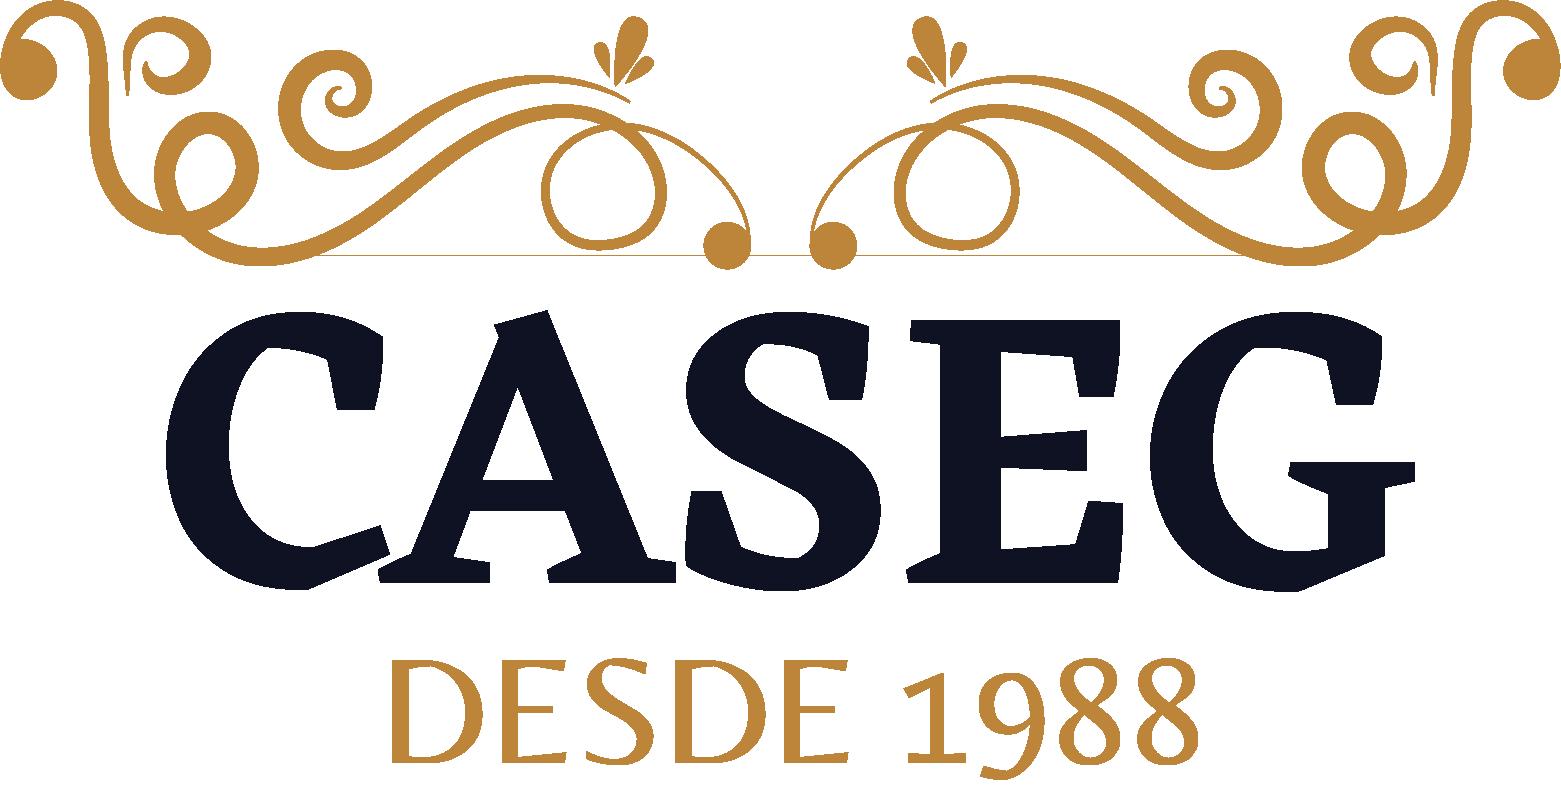 Caseg - Comercio de Artigos de Sapataria e Estofaria Gadotti Ltda